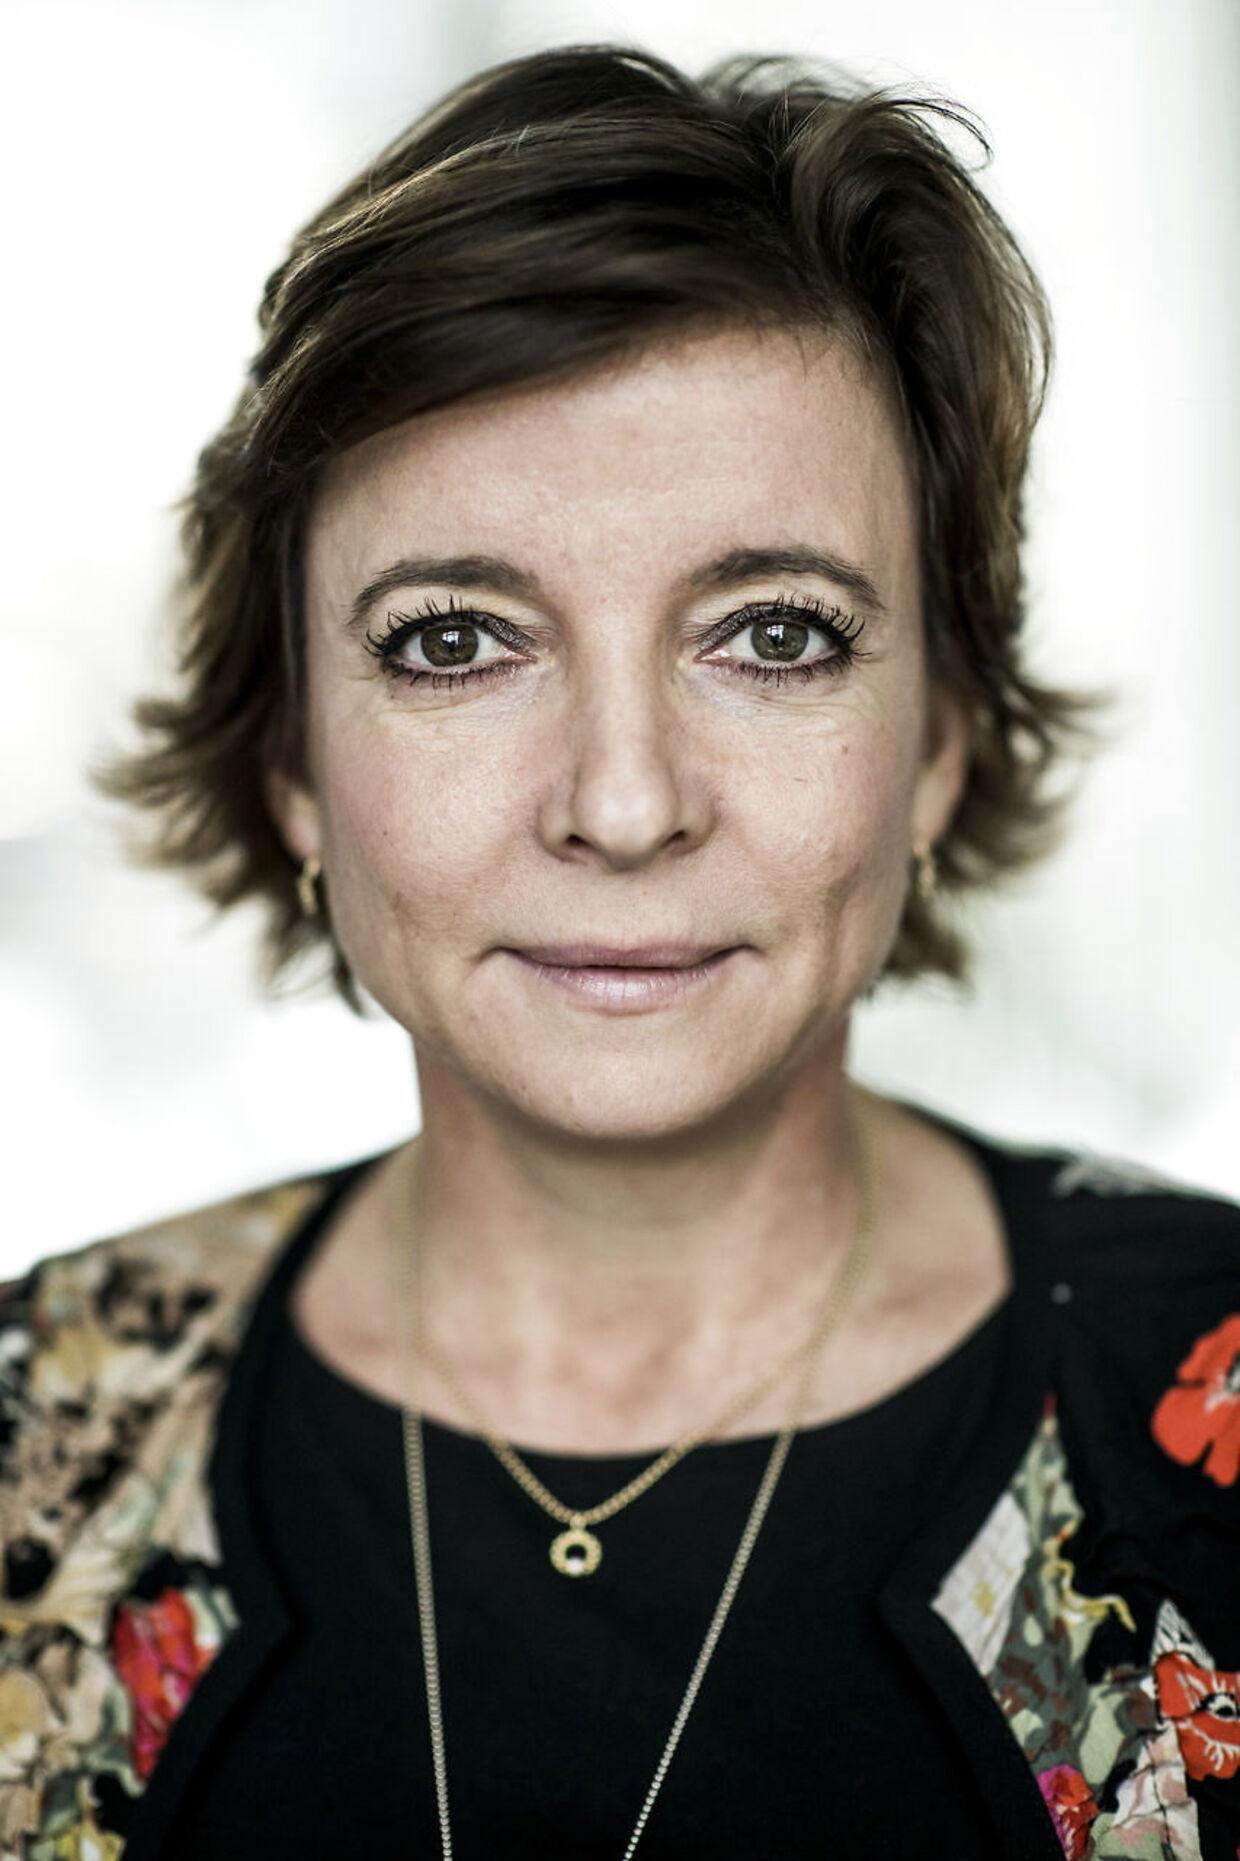 (ARKIV) Portræt af minister for fiskeri og ligestilling og minister for nordisk samarbejde, Karen Ellemann. Karen Ellemann er ikke længere minister, men kan blive Venstres første kvindelige gruppeformand. Det skriver Ritzau, onsdag den 2. may 2018.. (Foto: Asger Ladefoged/Ritzau Scanpix)